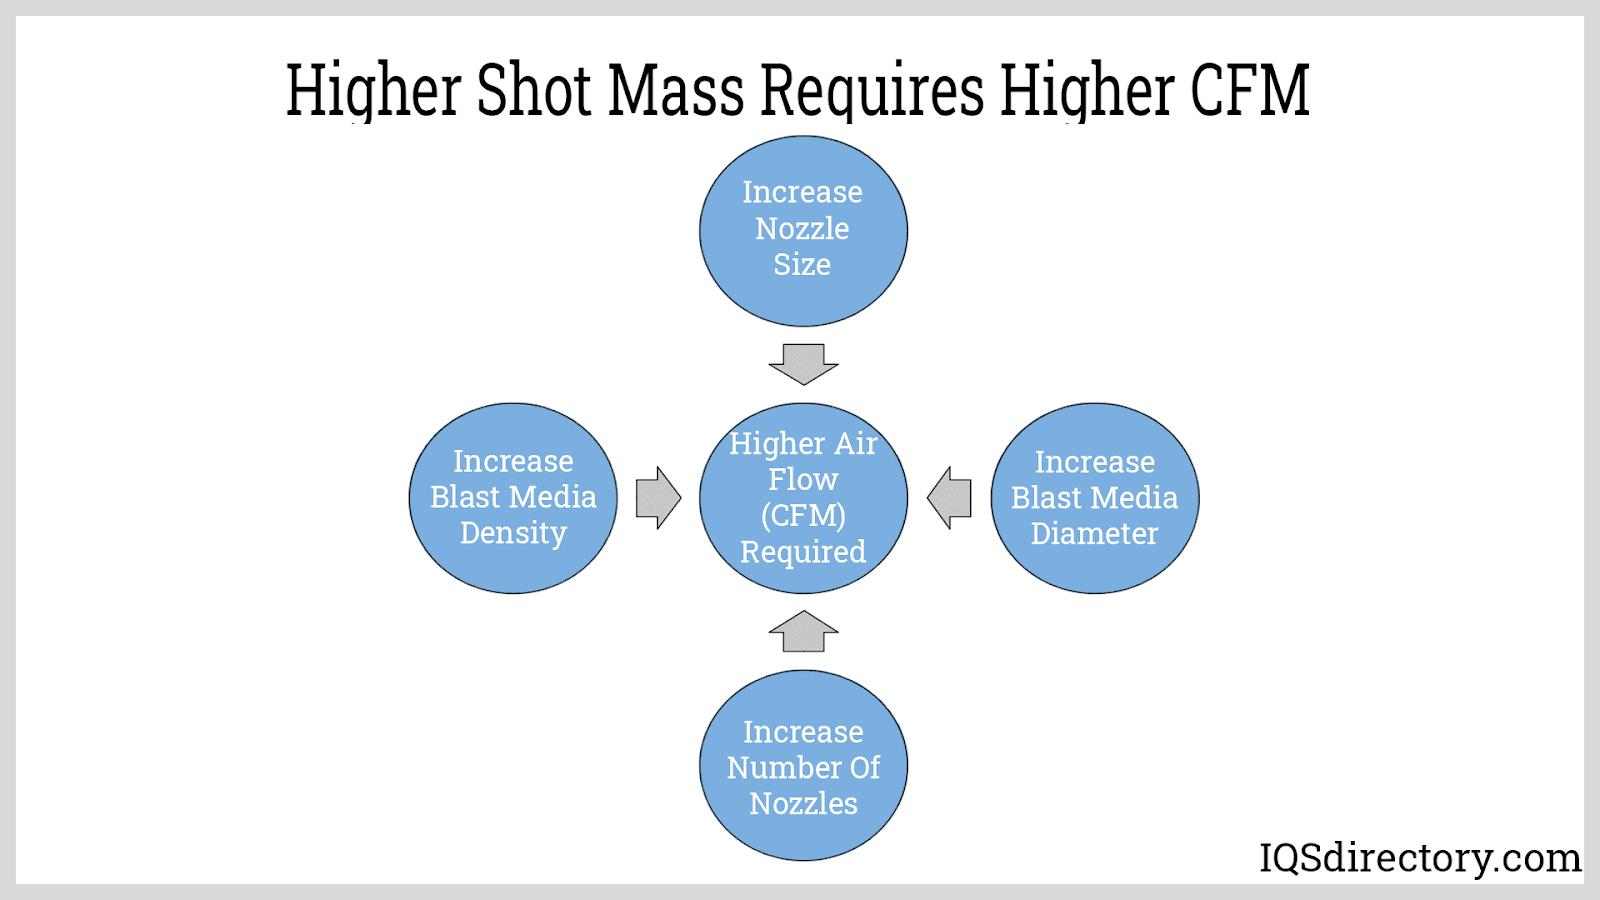 Higher Shot Mass Requires Higher CFM